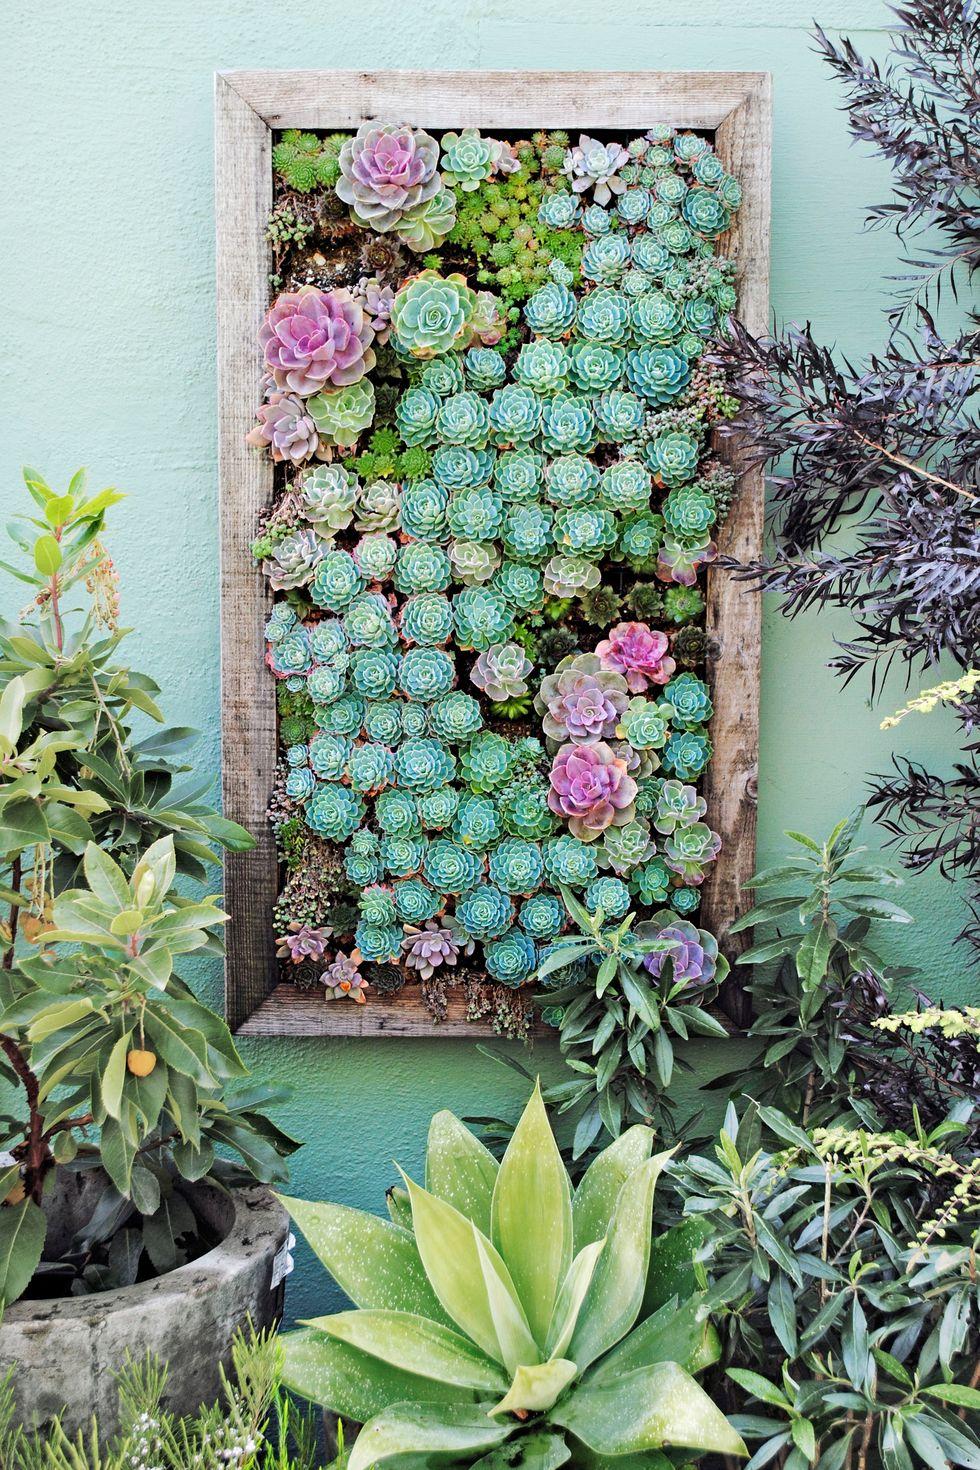 Những khu vườn thẳng đứng dễ thiết kế tạo màu xnh tươi mát cho ngôi nhà củ bạn - Ảnh 6.